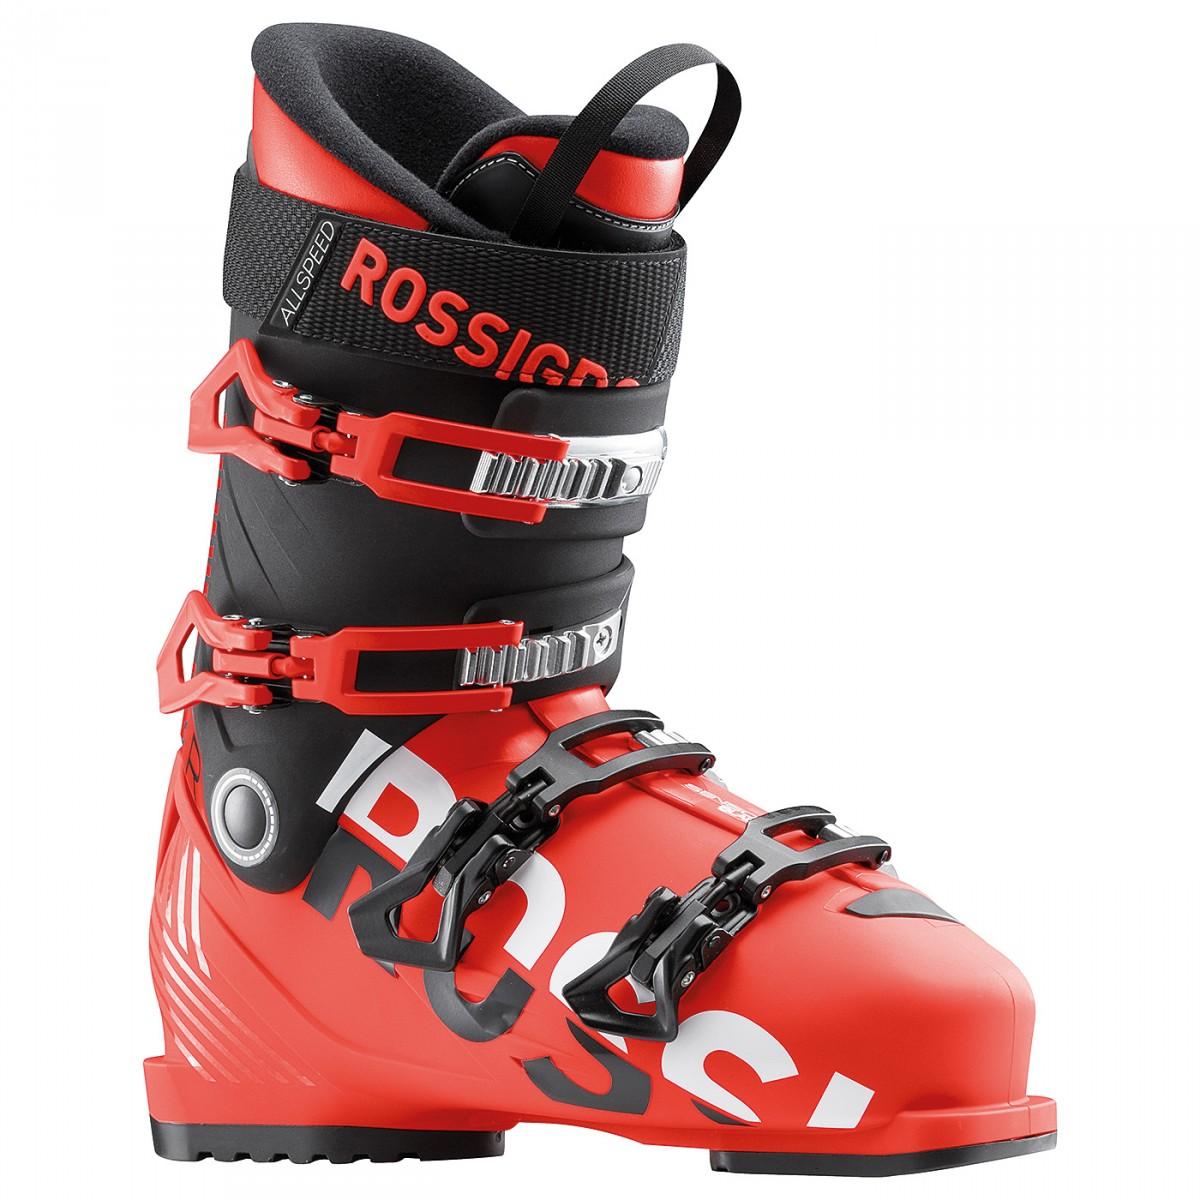 Scarponi sci Rossignol Allspeed (Colore: rosso-nero, Taglia: 28.5)